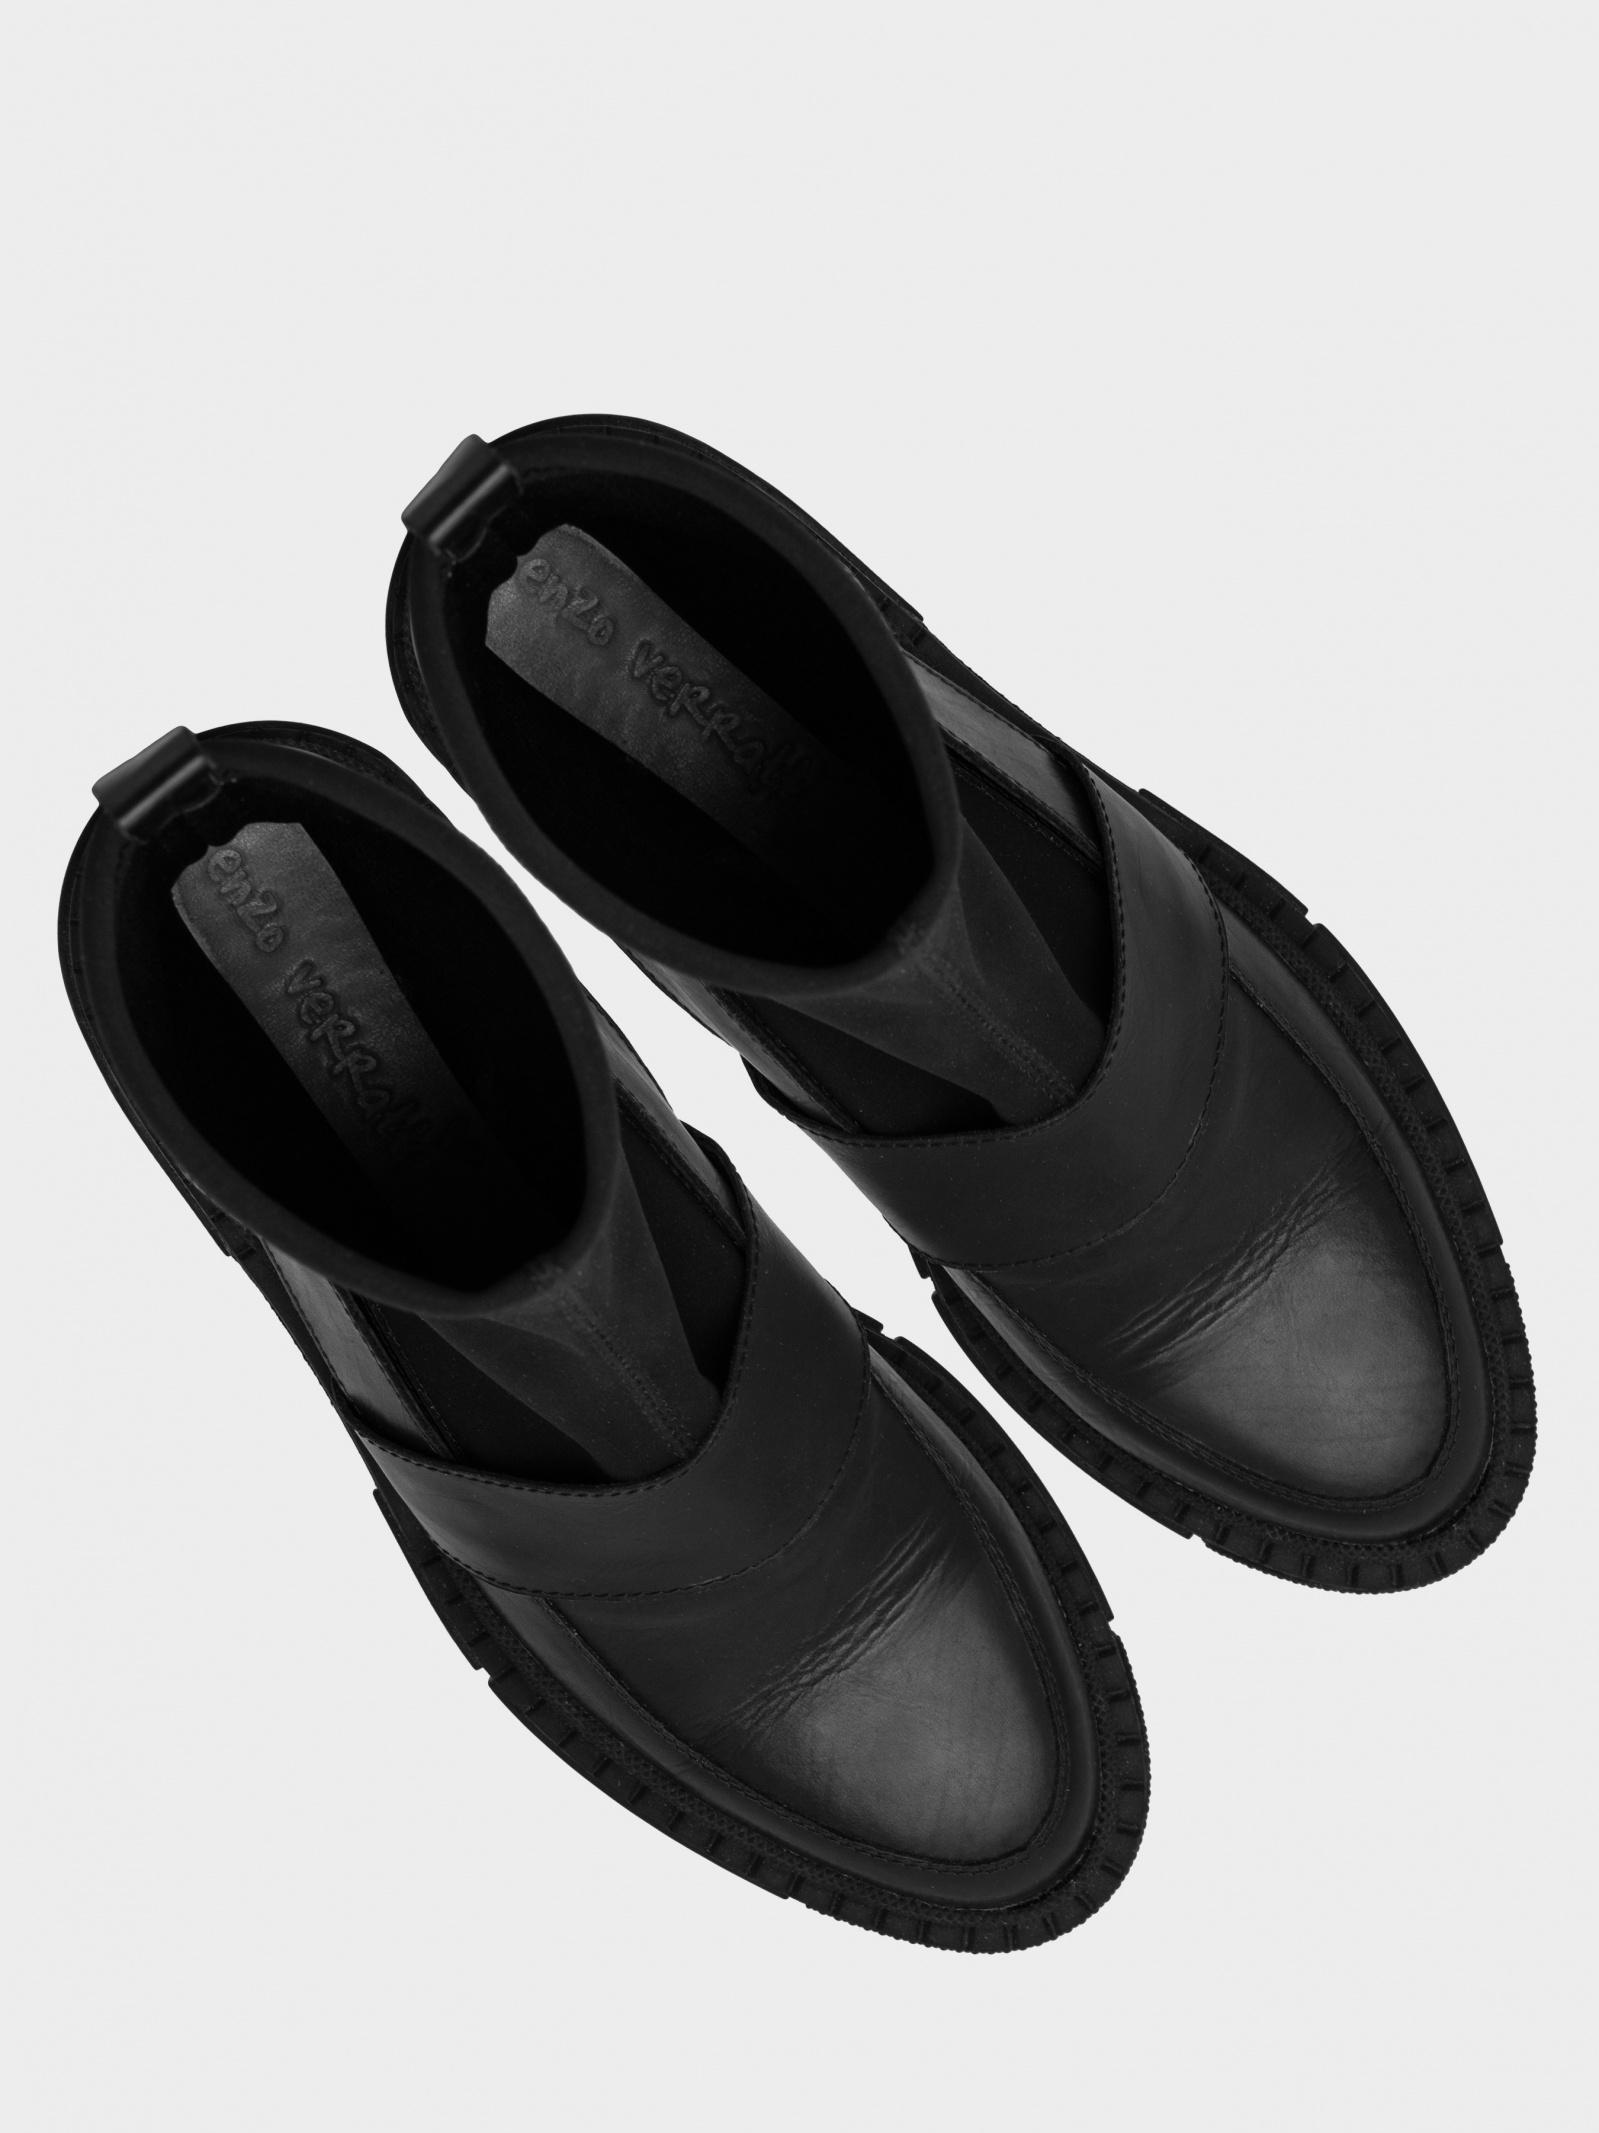 Черевики  для жінок Enzo Verratti 18-7449-2 ціна взуття, 2017